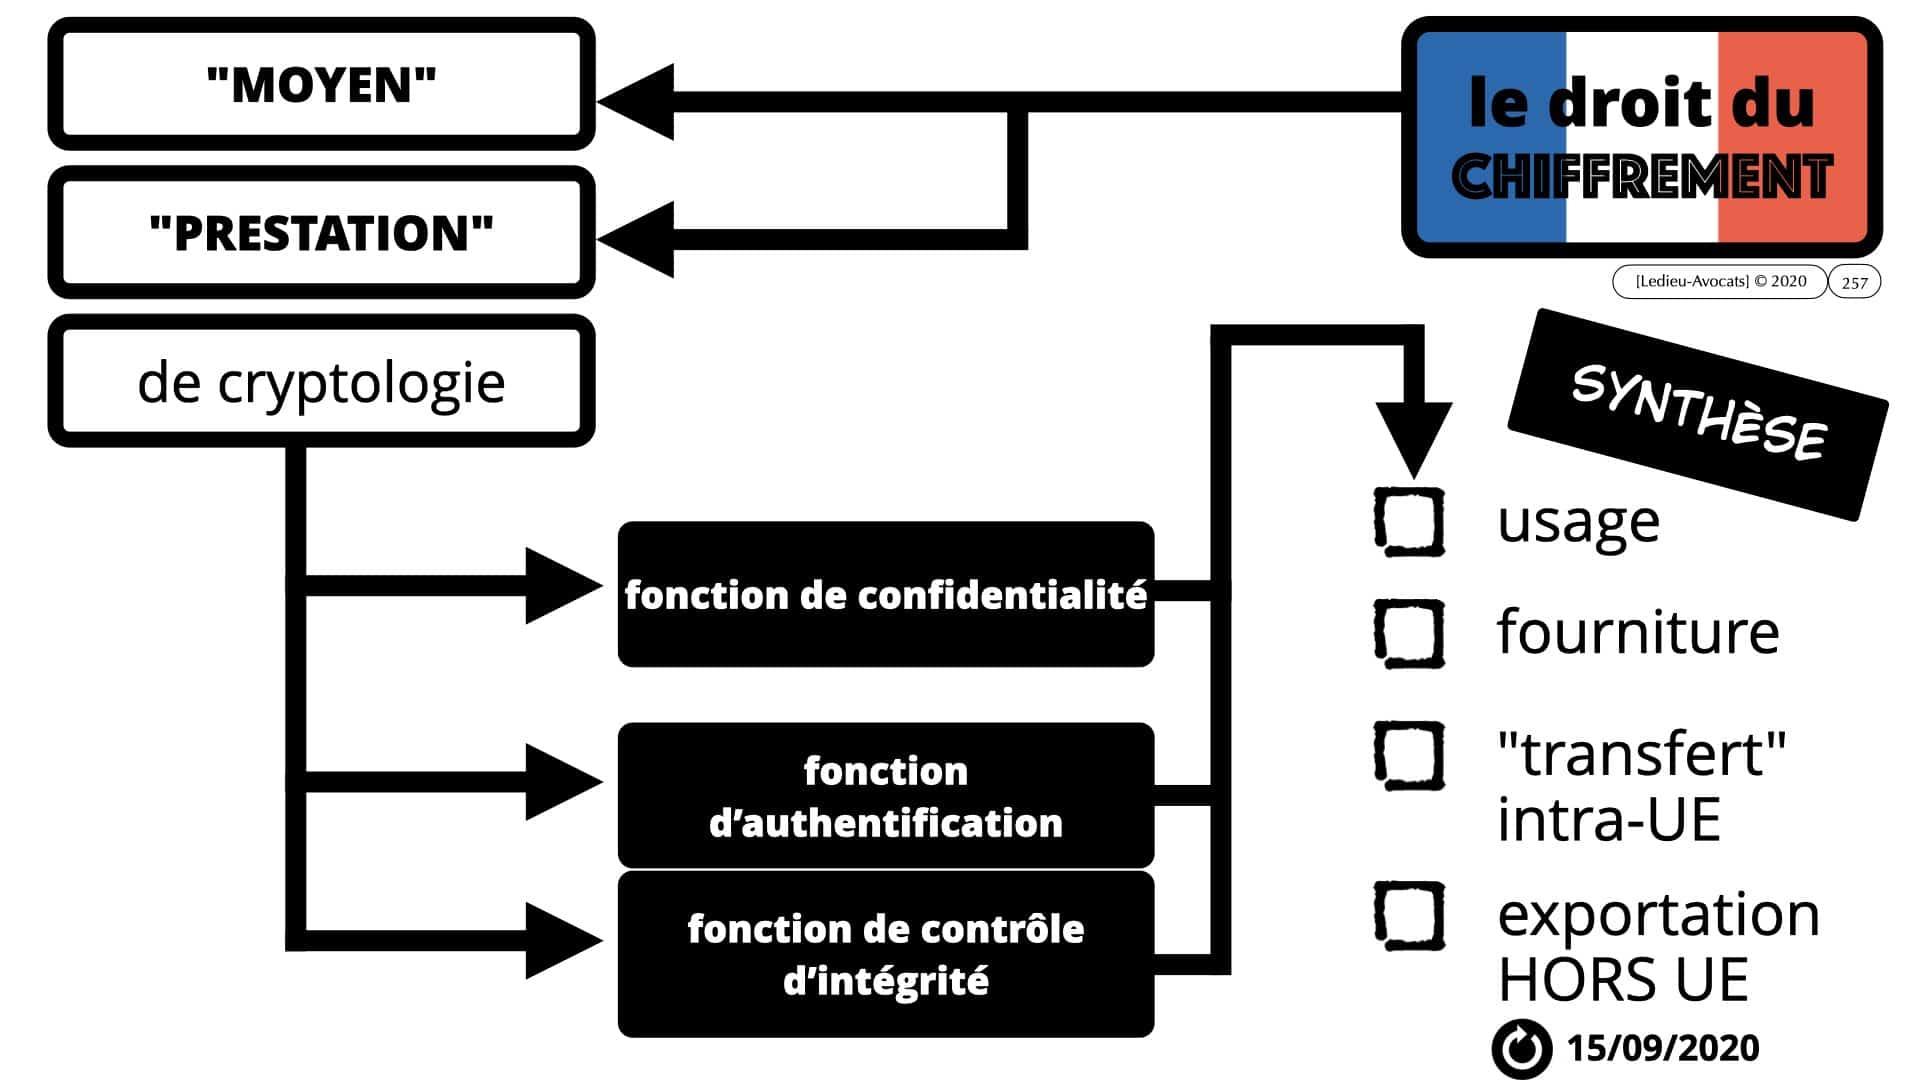 RGPD e-Privacy données personnelles jurisprudence formation Lamy Les Echos 10-02-2021 ©Ledieu-Avocats.257